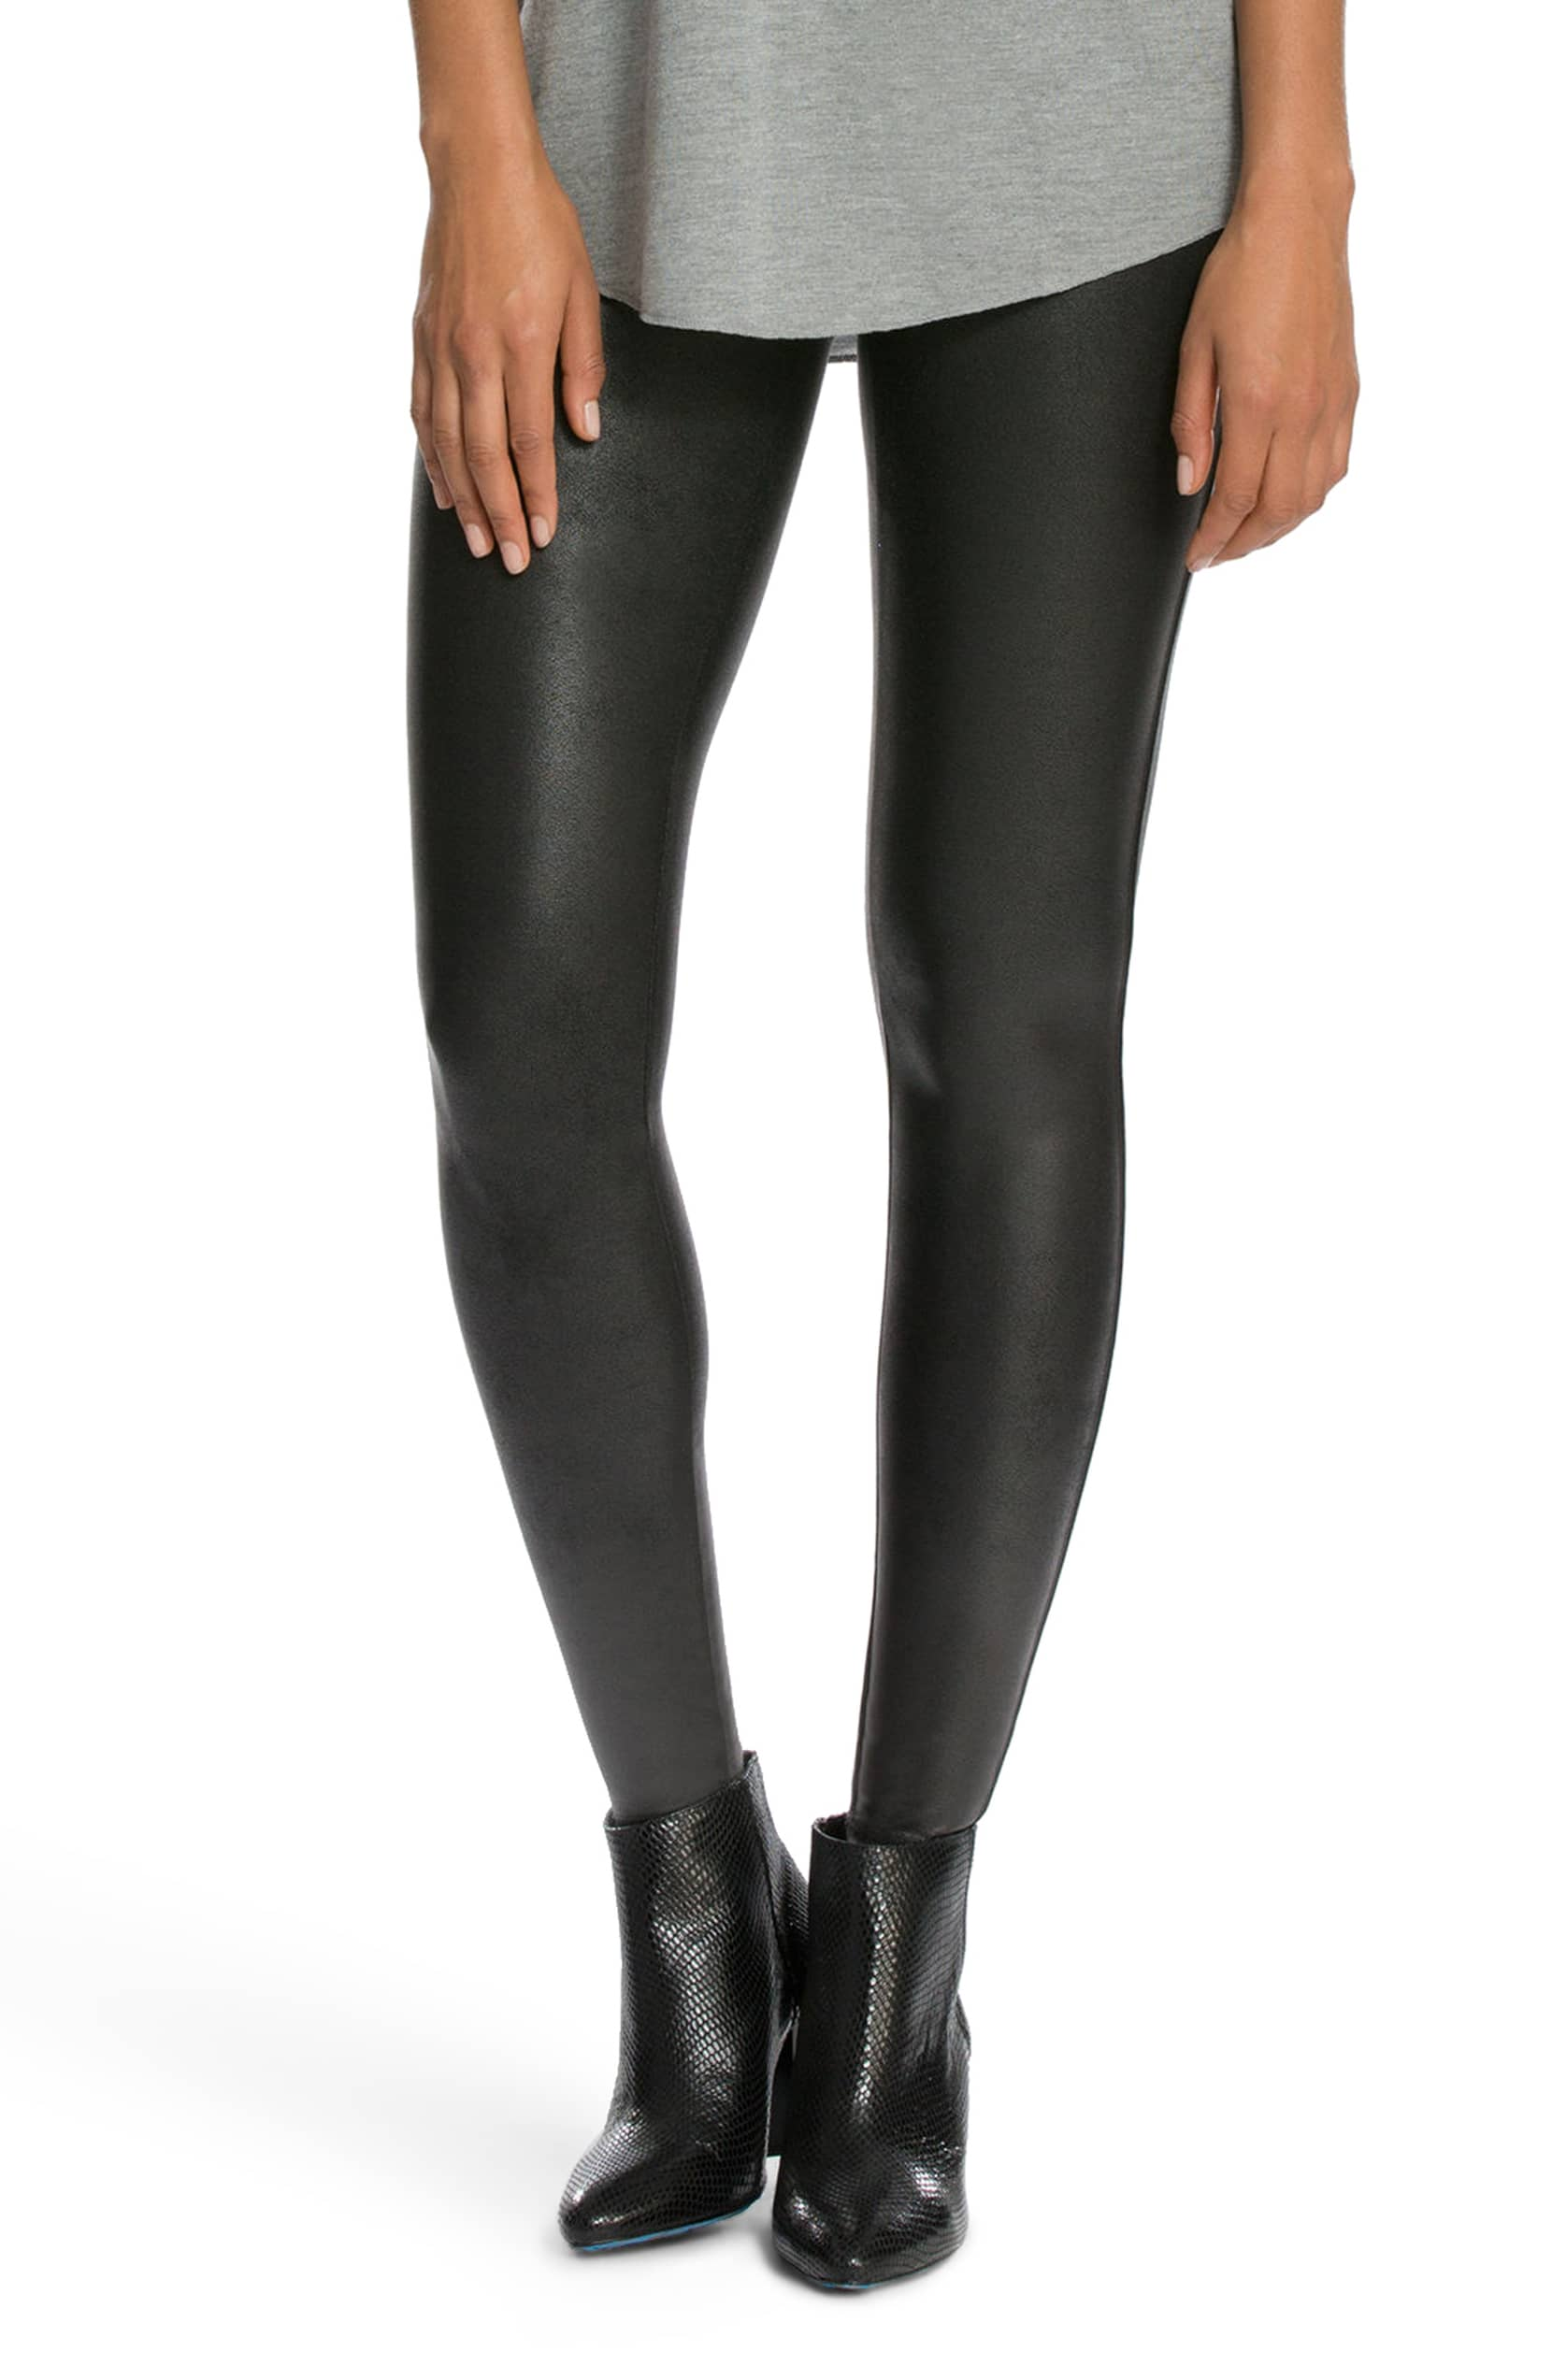 f038576399 Best Black Leggings - Reviews On Top Brands & Styles